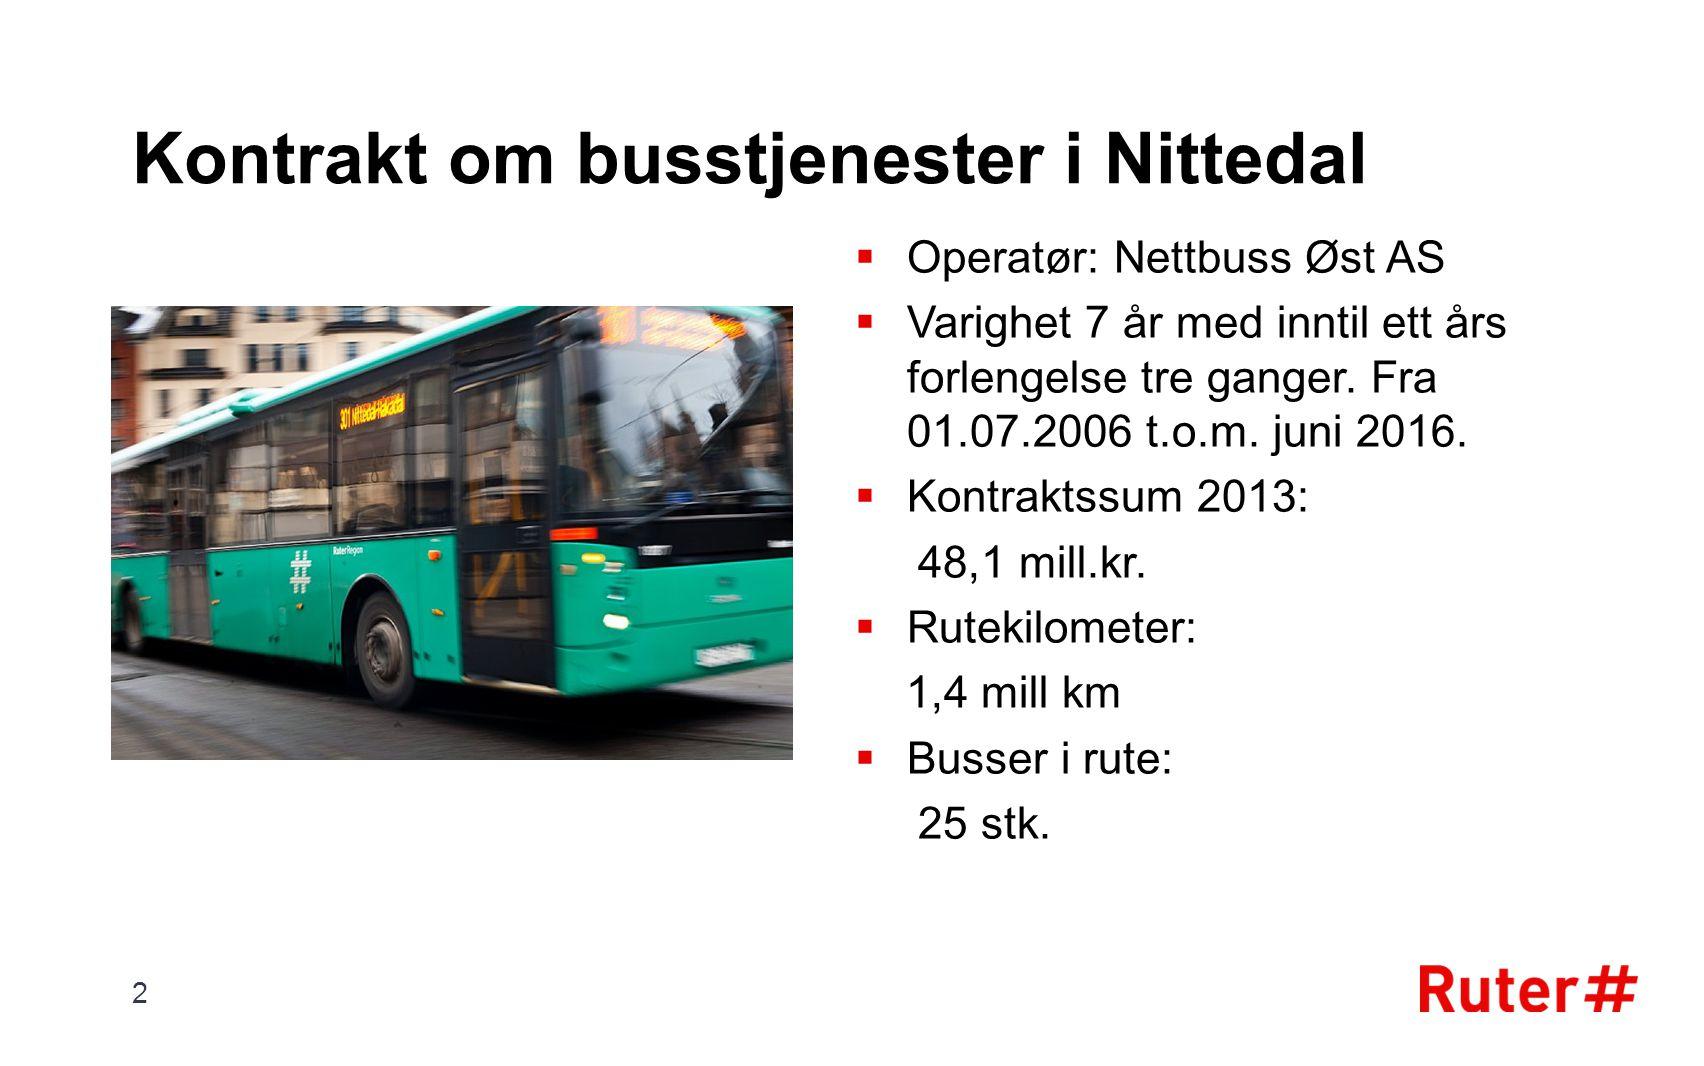 Kontrakt om busstjenester i Nittedal